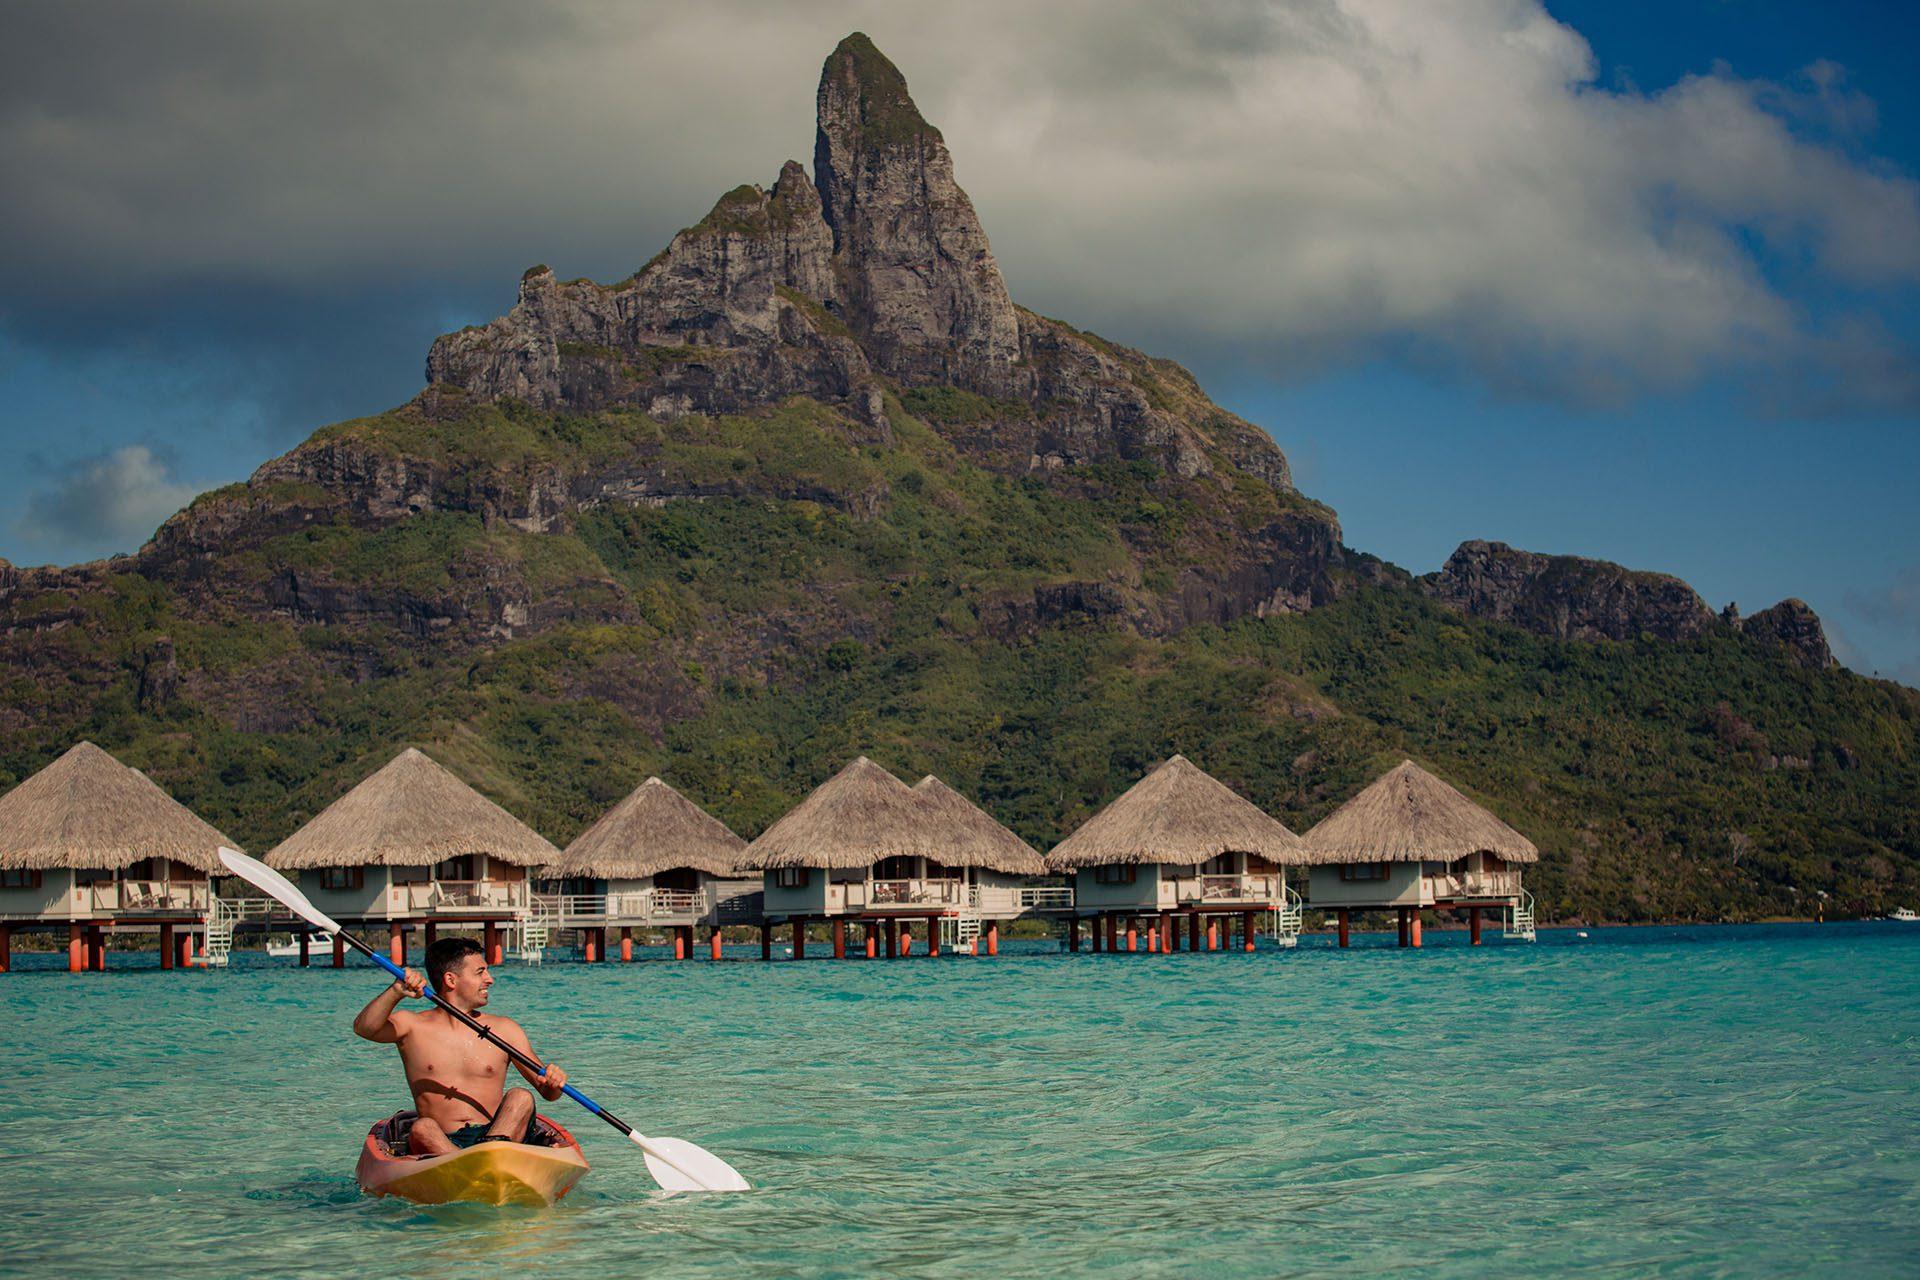 Vacance à Tahiti